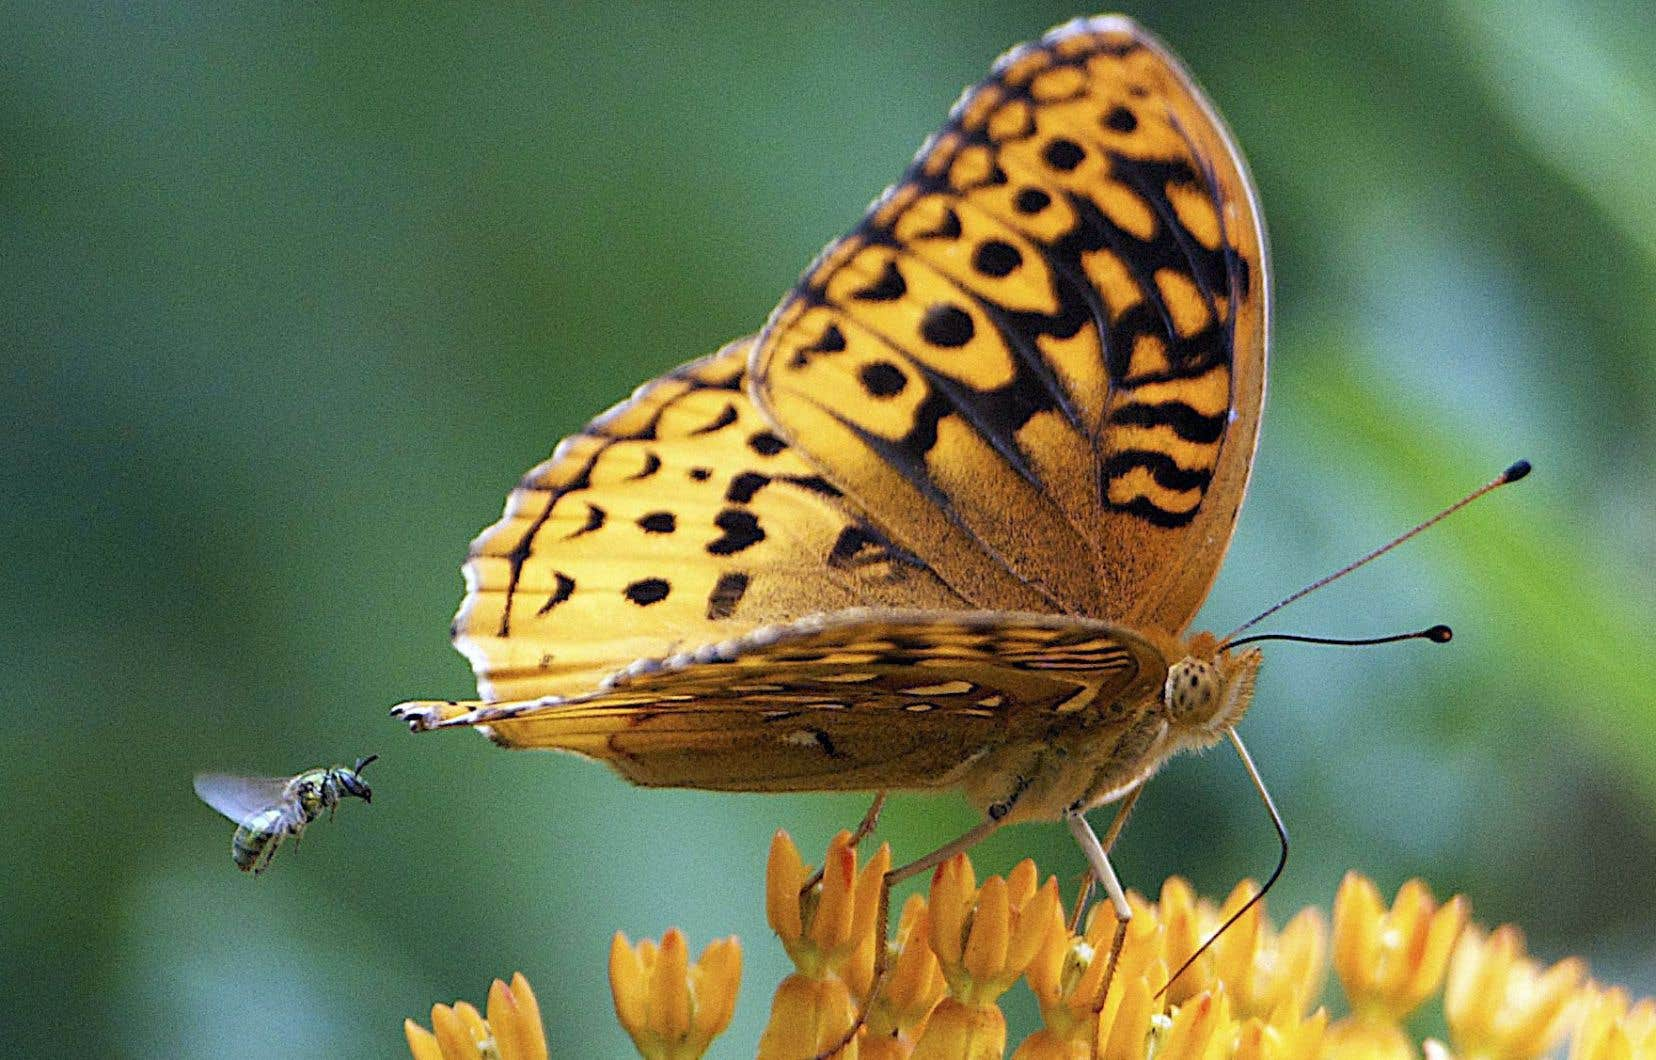 Quarante pour cent des pollinisateurs invertébrés, comme les papillons et les abeilles, semblent se diriger tout droit vers l'extinction.